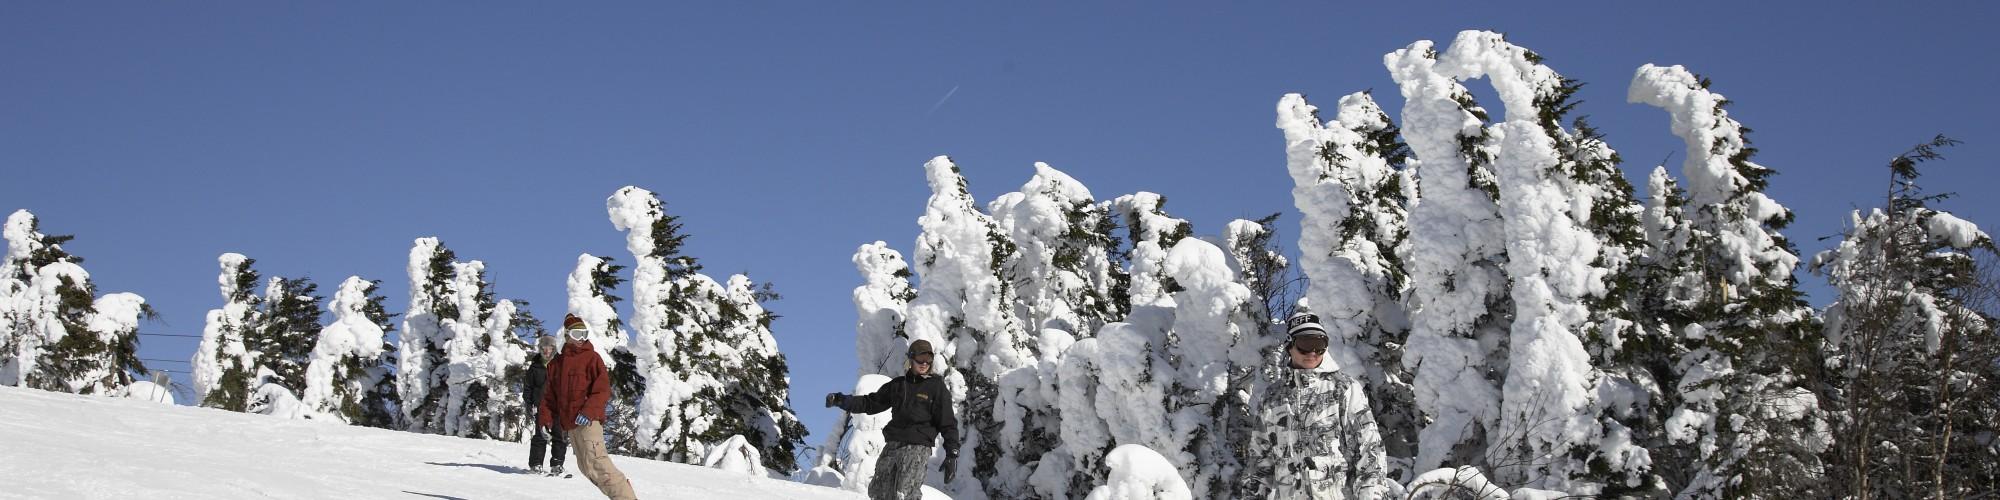 Personnes qui font de la planche à neige et du ski alpin